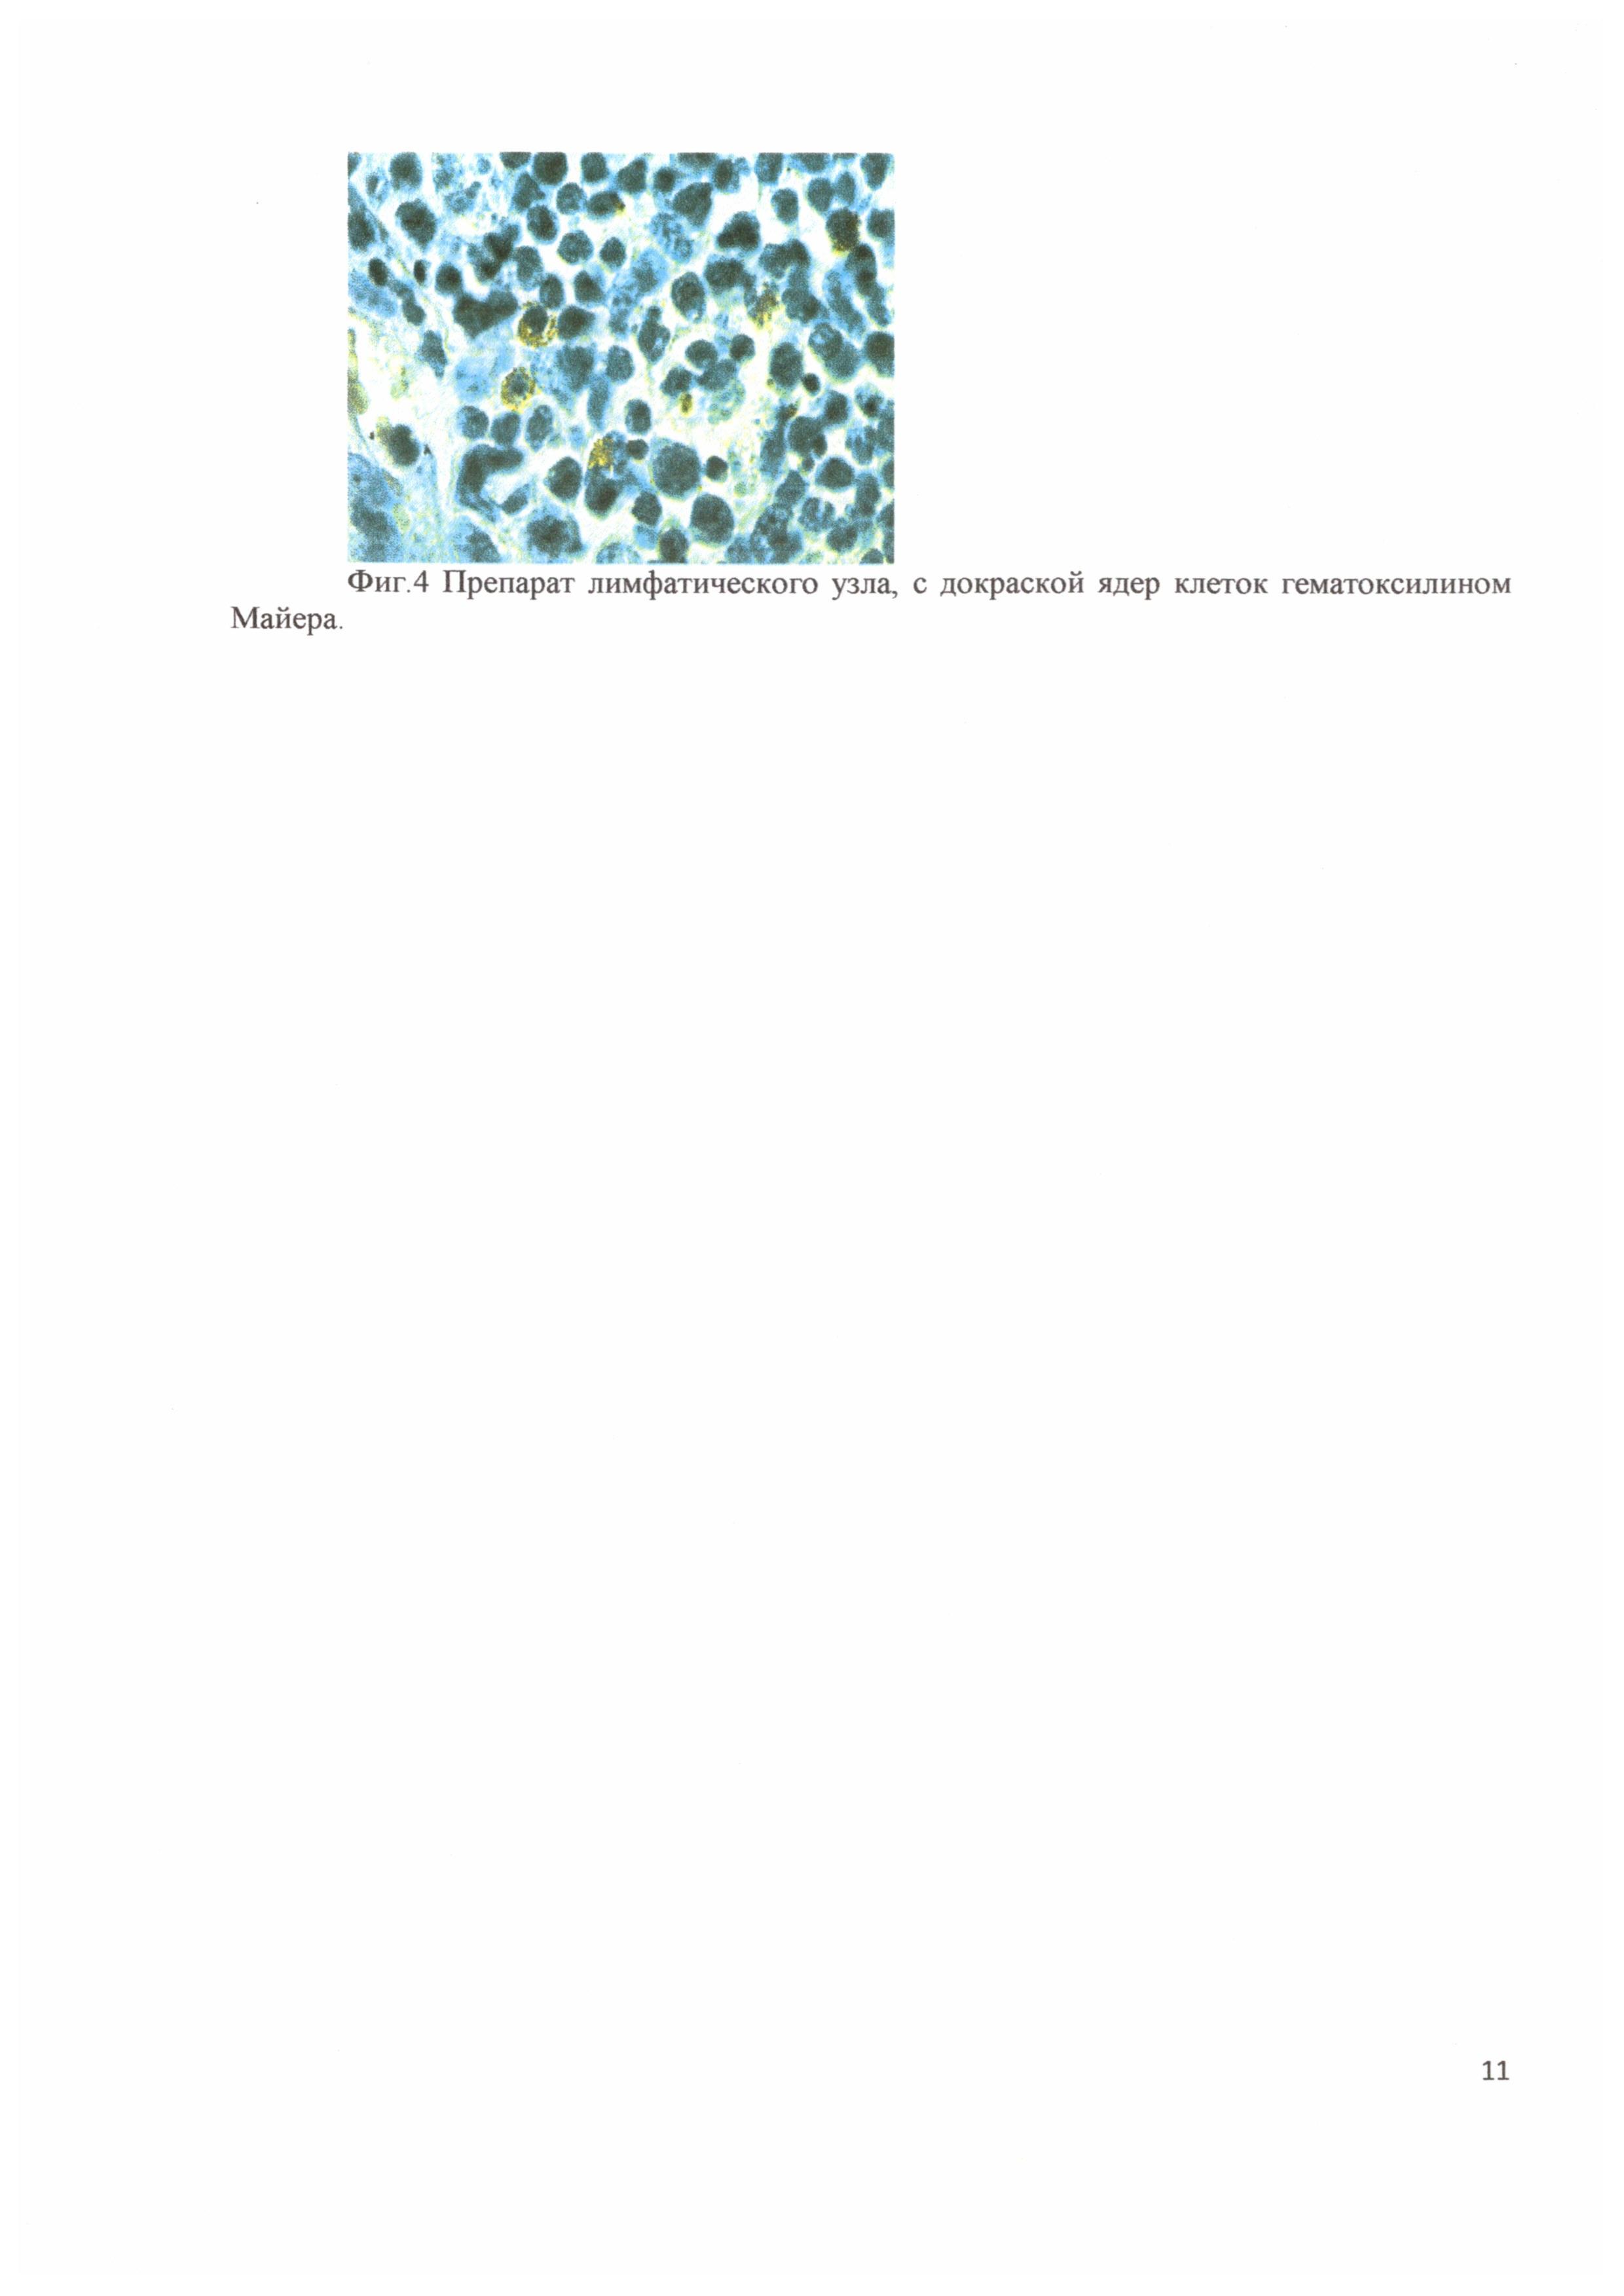 Способ диагностики репродуктивного респираторного синдрома свиней непрямым иммуногистохимическим анализом на основании моноклональных антител